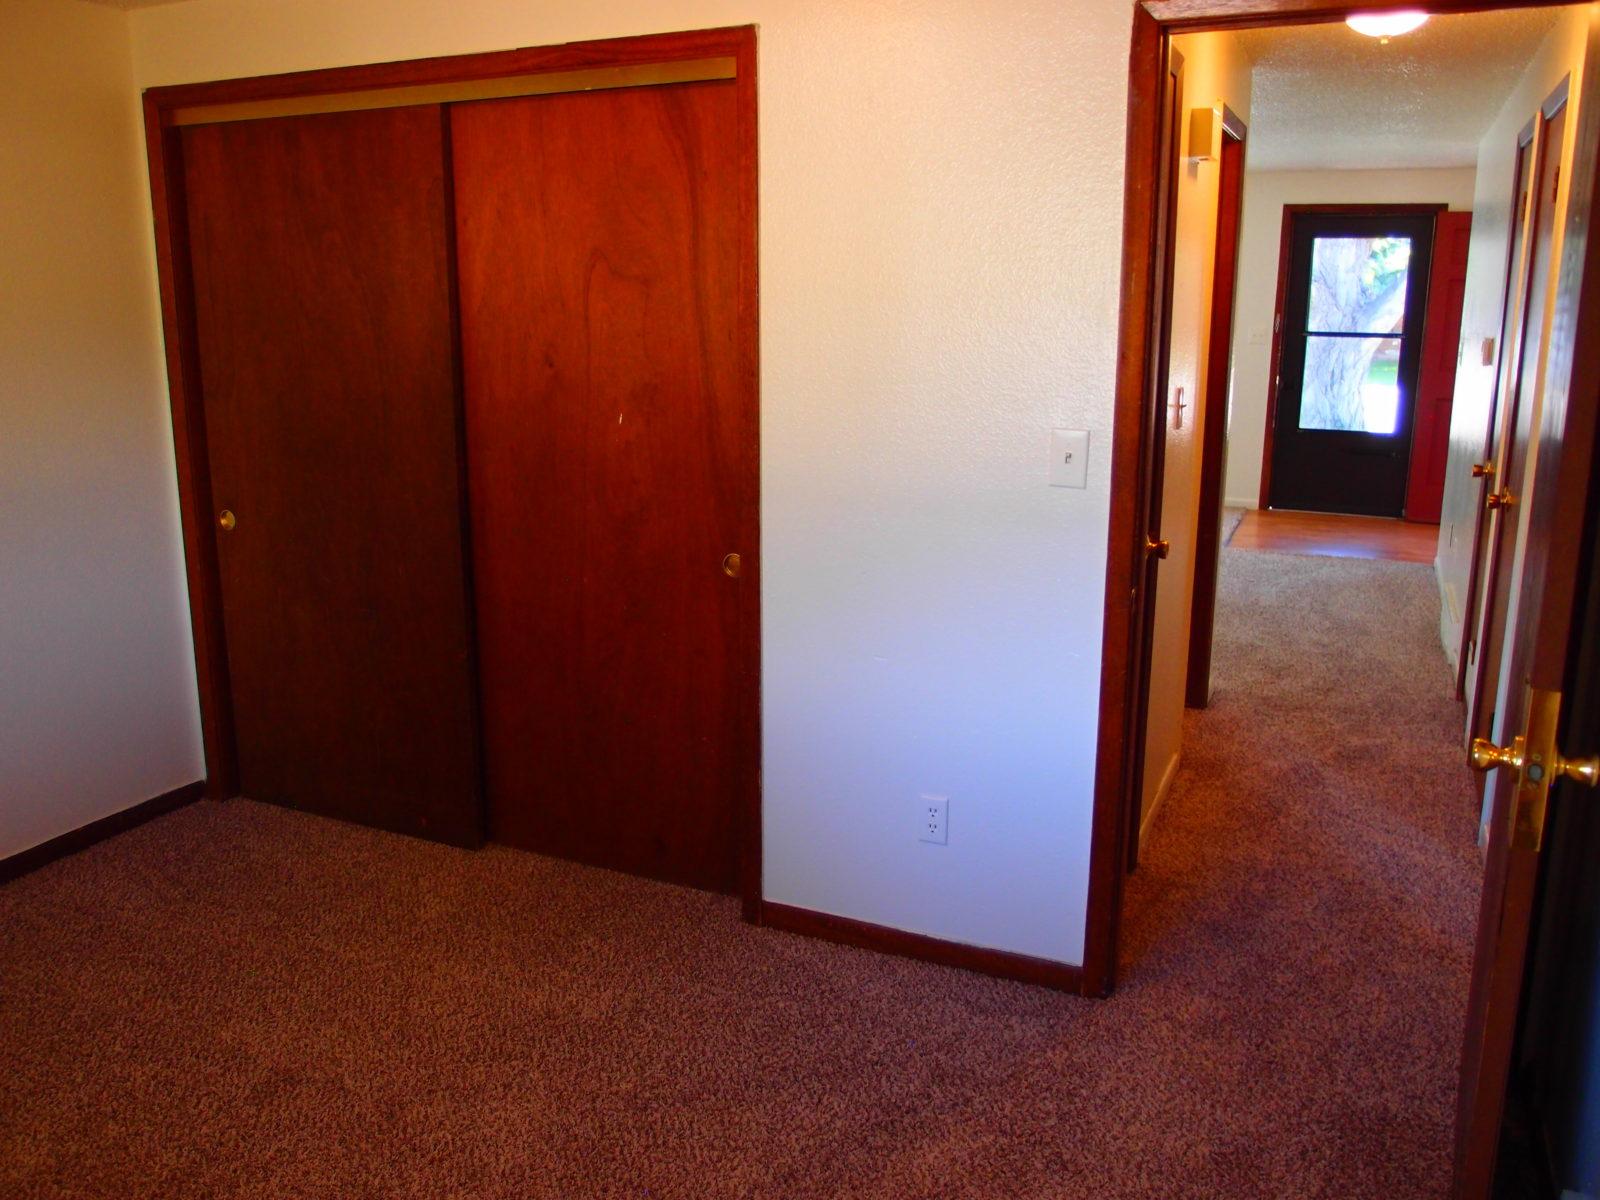 2166 Dexter: Bedroom 1 Closet